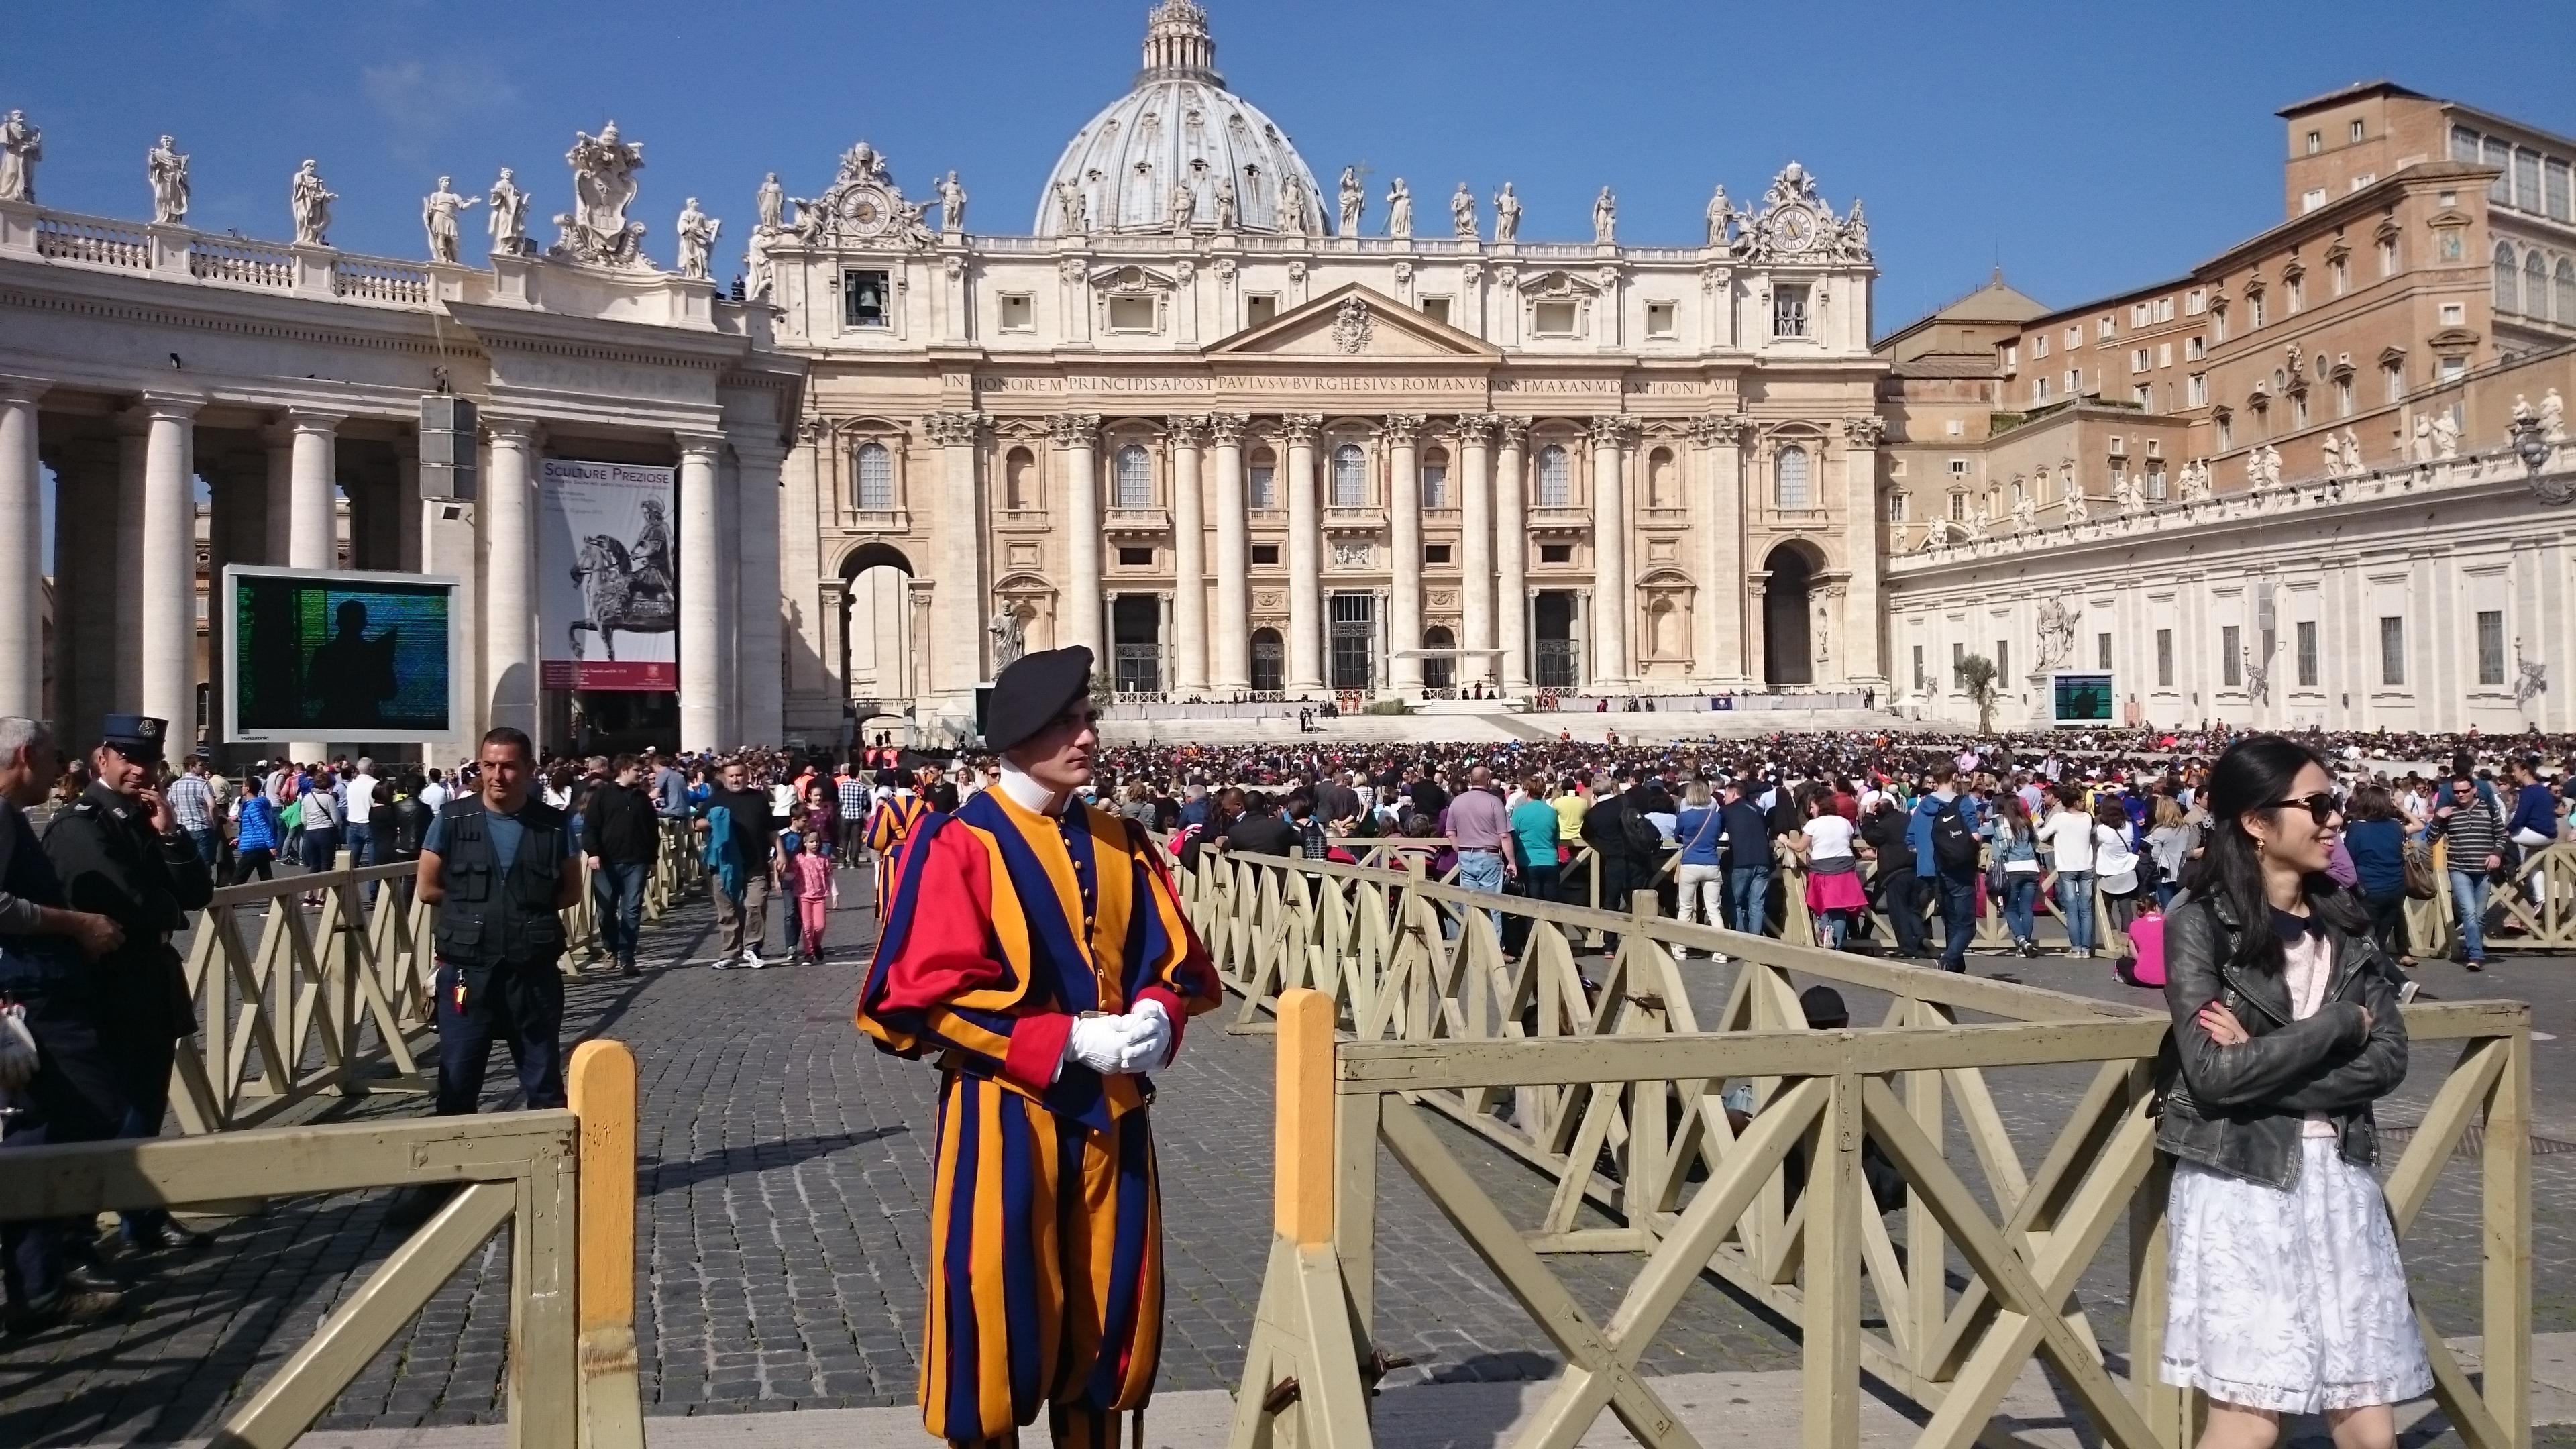 DSC 2247 - Consejos para visitar el Vaticano